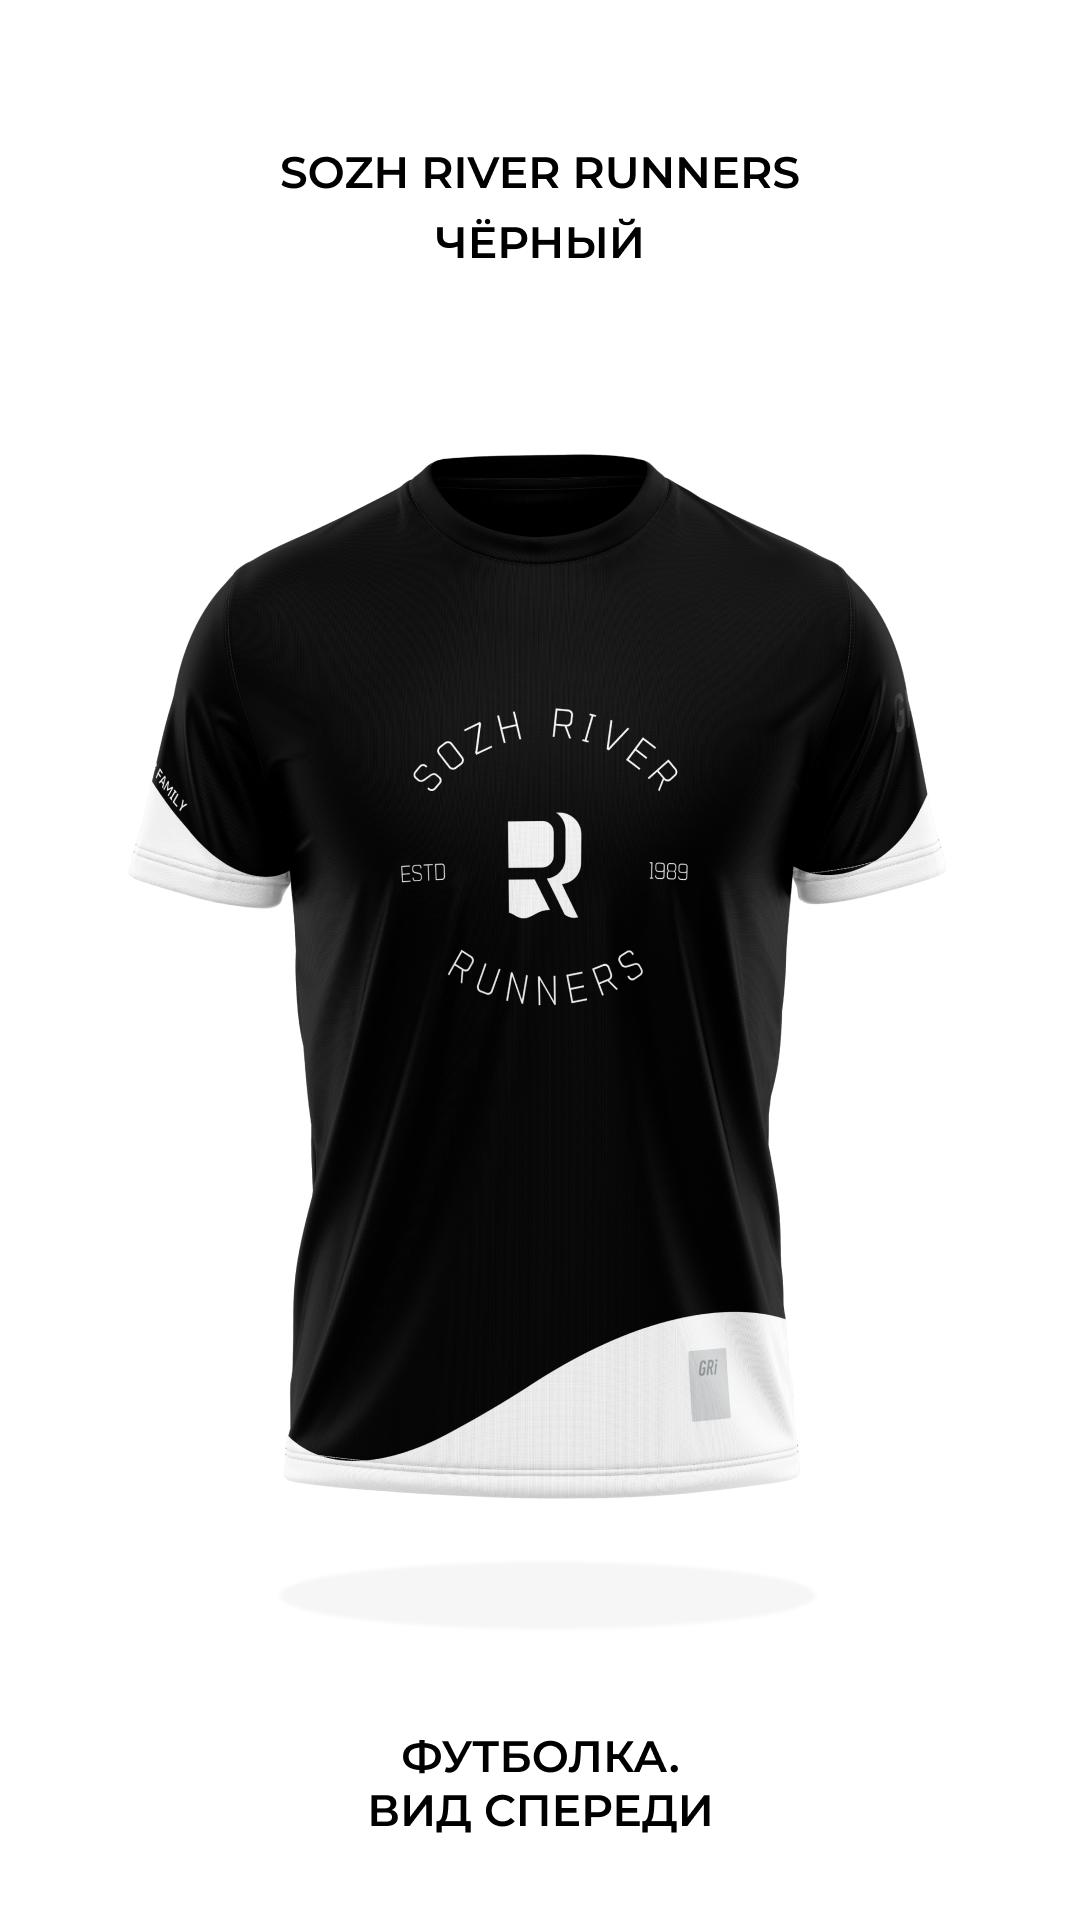 Футболка клубная GRi SRR, черная, женская